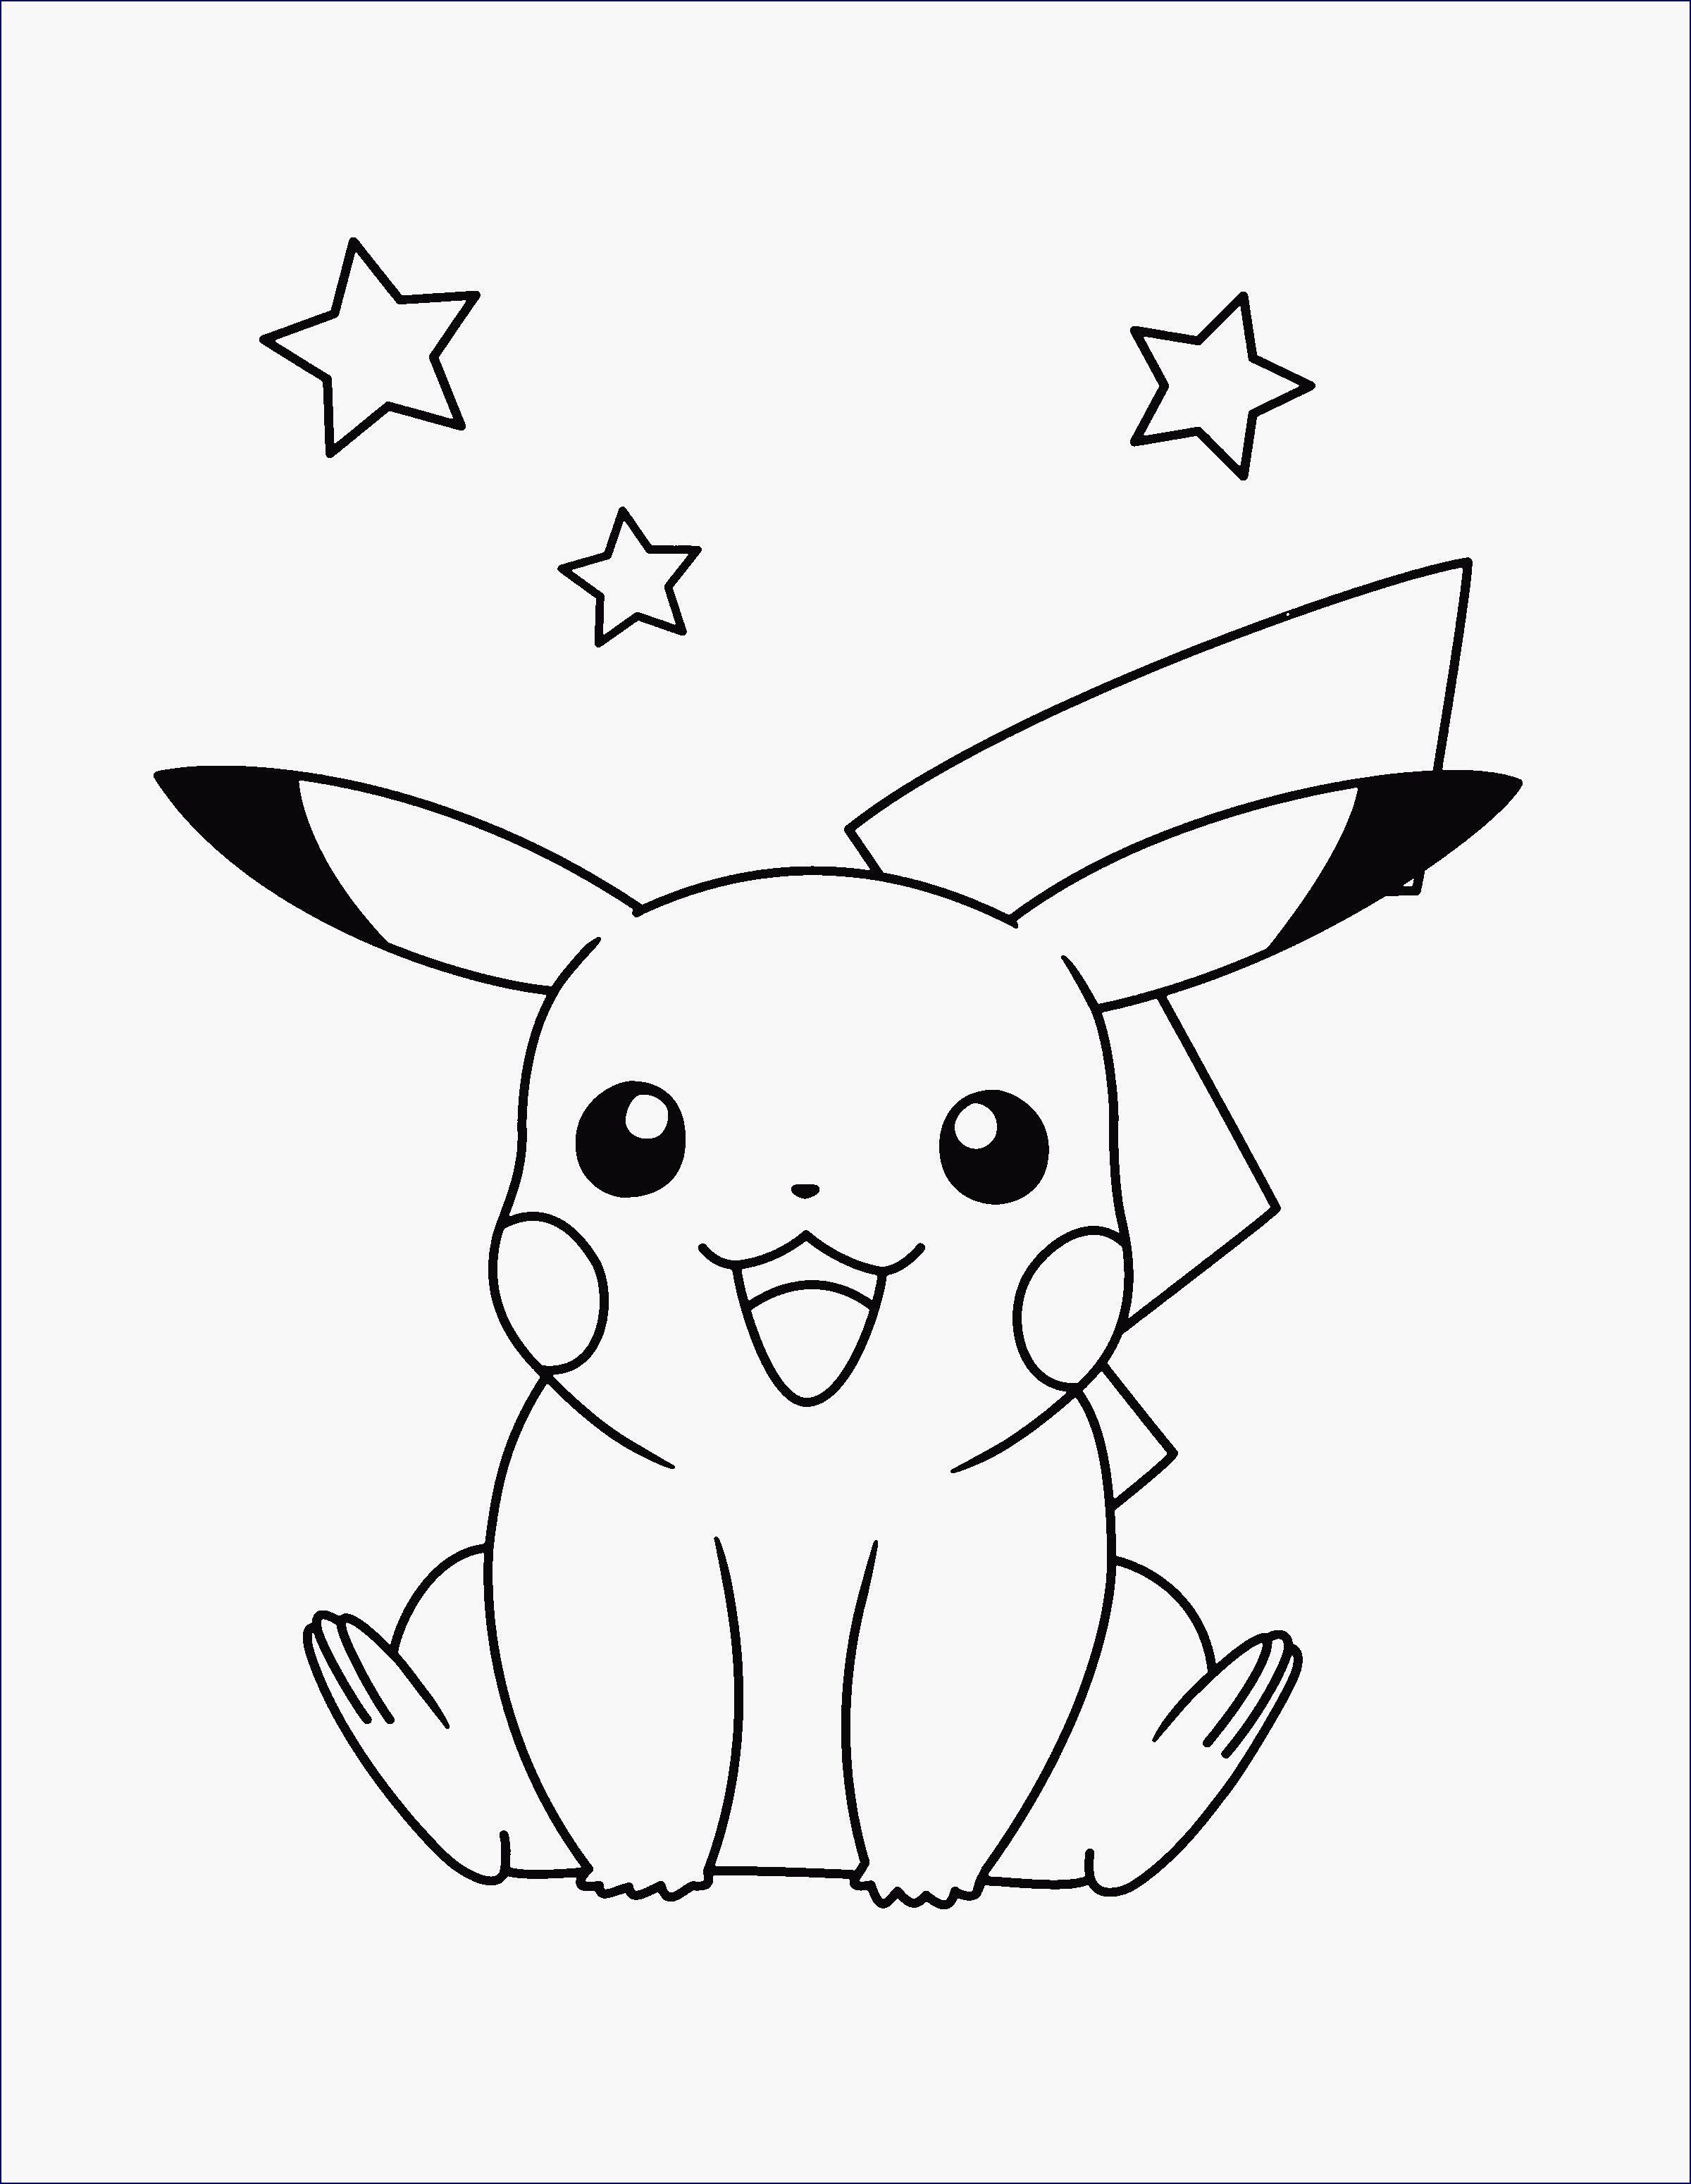 Zeichen Vorlagen Unique Schon Ausmalbilder Zum Ausdrucken Mogli Innerhalb Zeichenvorlagen Pikachu Zeichnung Pikachu Zeichnen Ausmalbilder